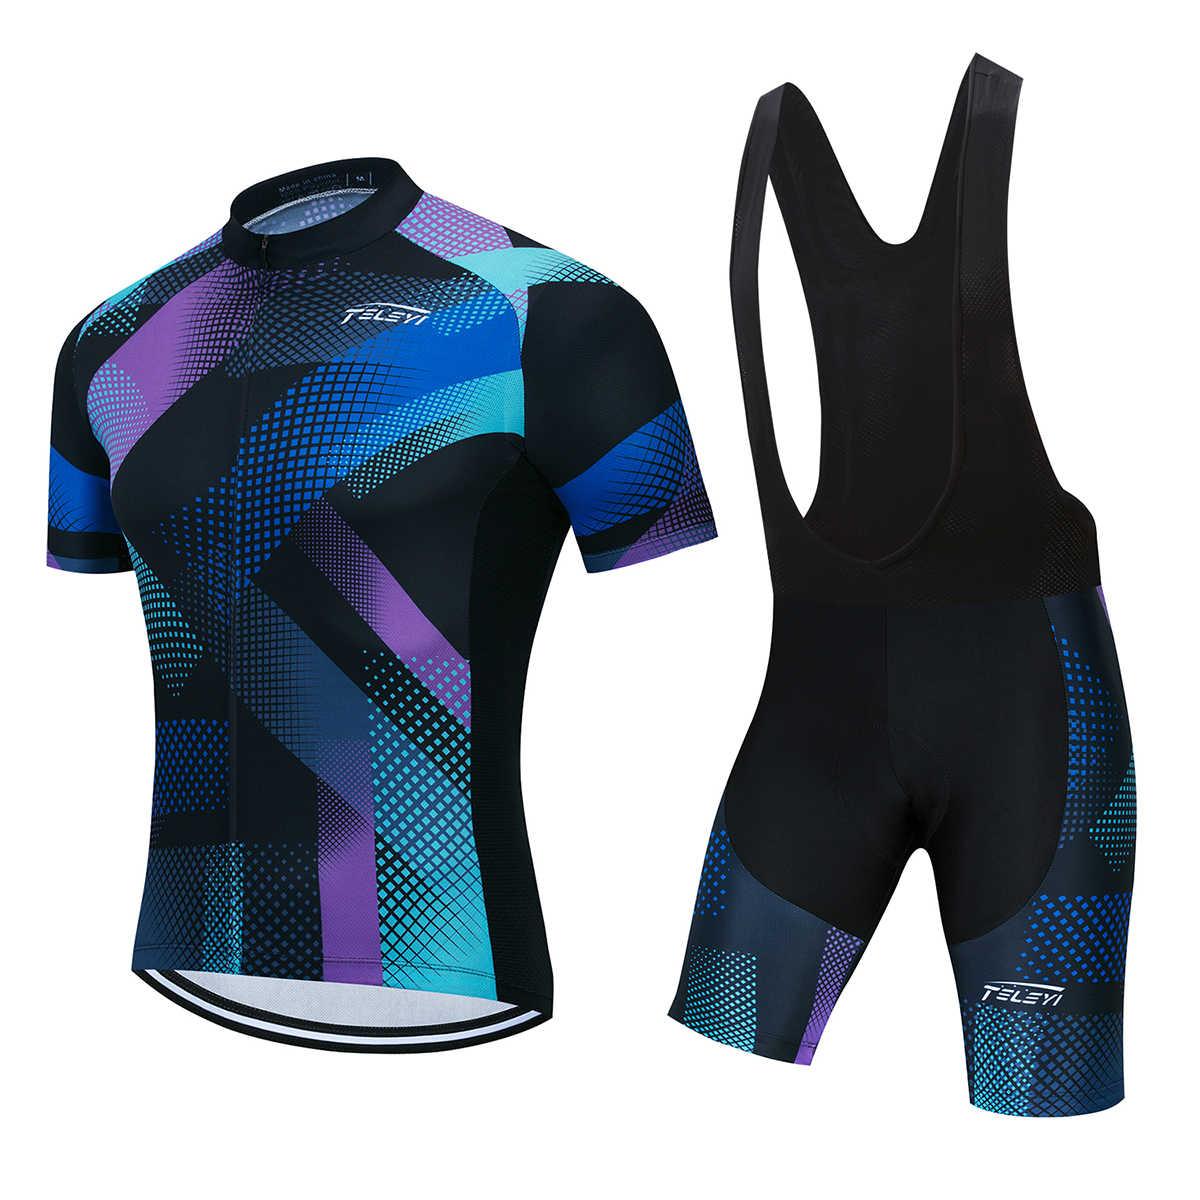 공장 사용자 정의 사이클링 저지 DIY 짧은 소매 저지 5D 젤 패드 턱받이 반바지 자전거 경주 팀 바이커 남성 여성 자전거 정장